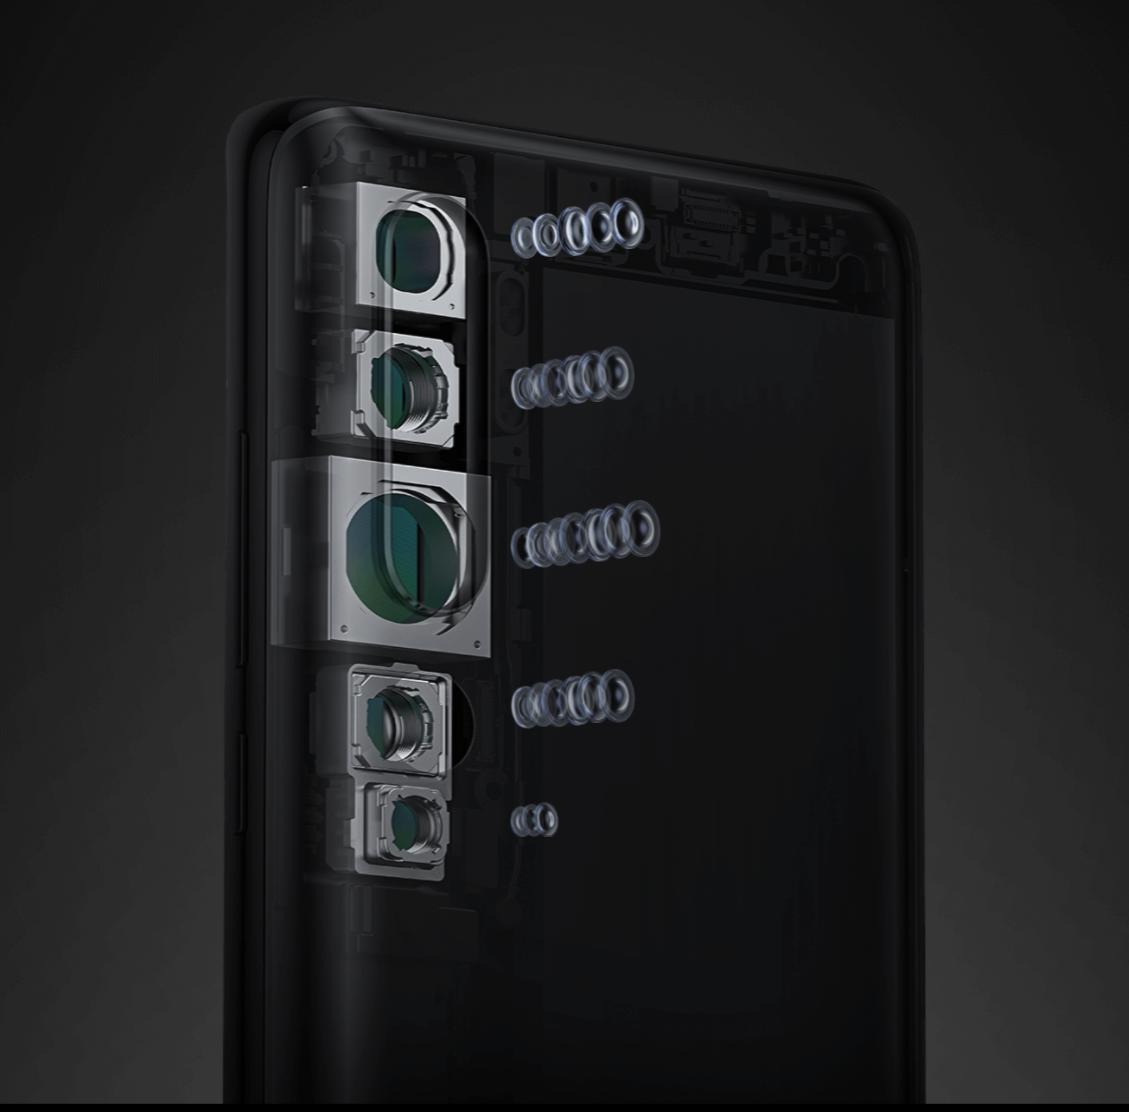 شیائومی روی گوشی با دوربین ۱۴۴ مگاپیکسلی کار میکند